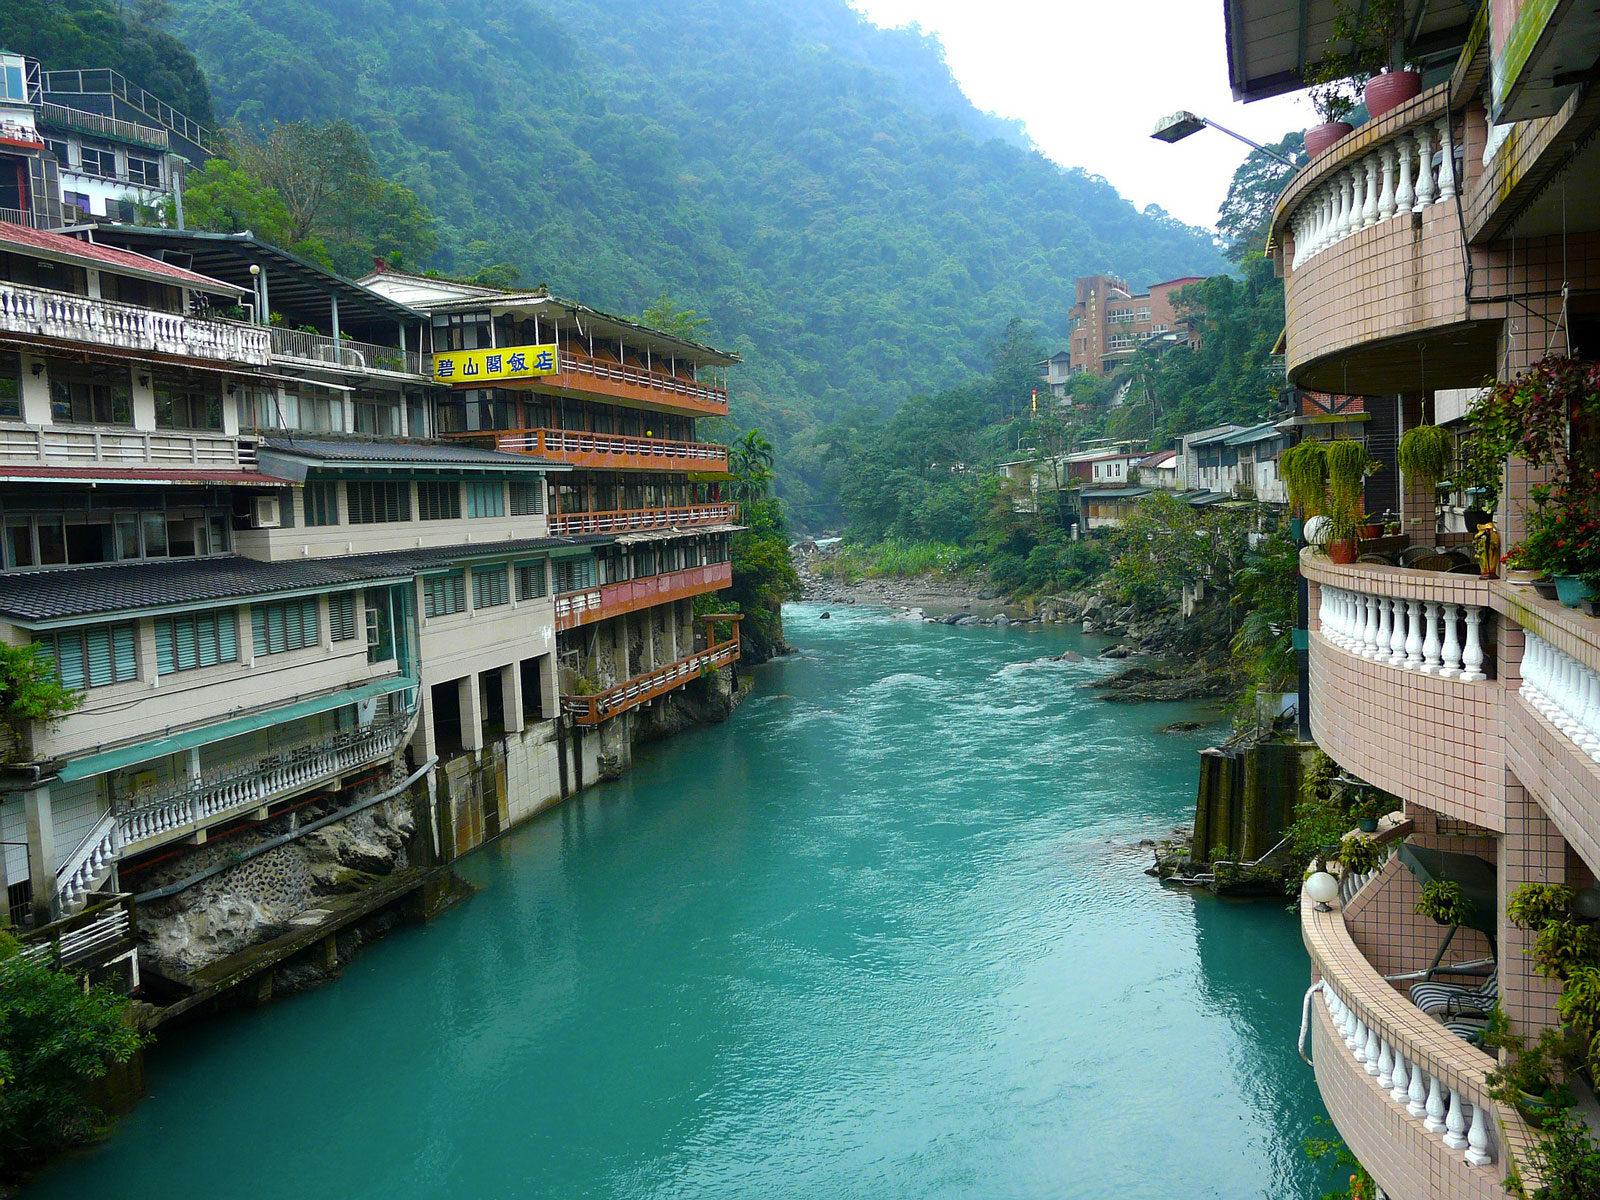 台湾・新北市の観光スポットでおすすめは?見所・ホテルなどまとめて紹介!